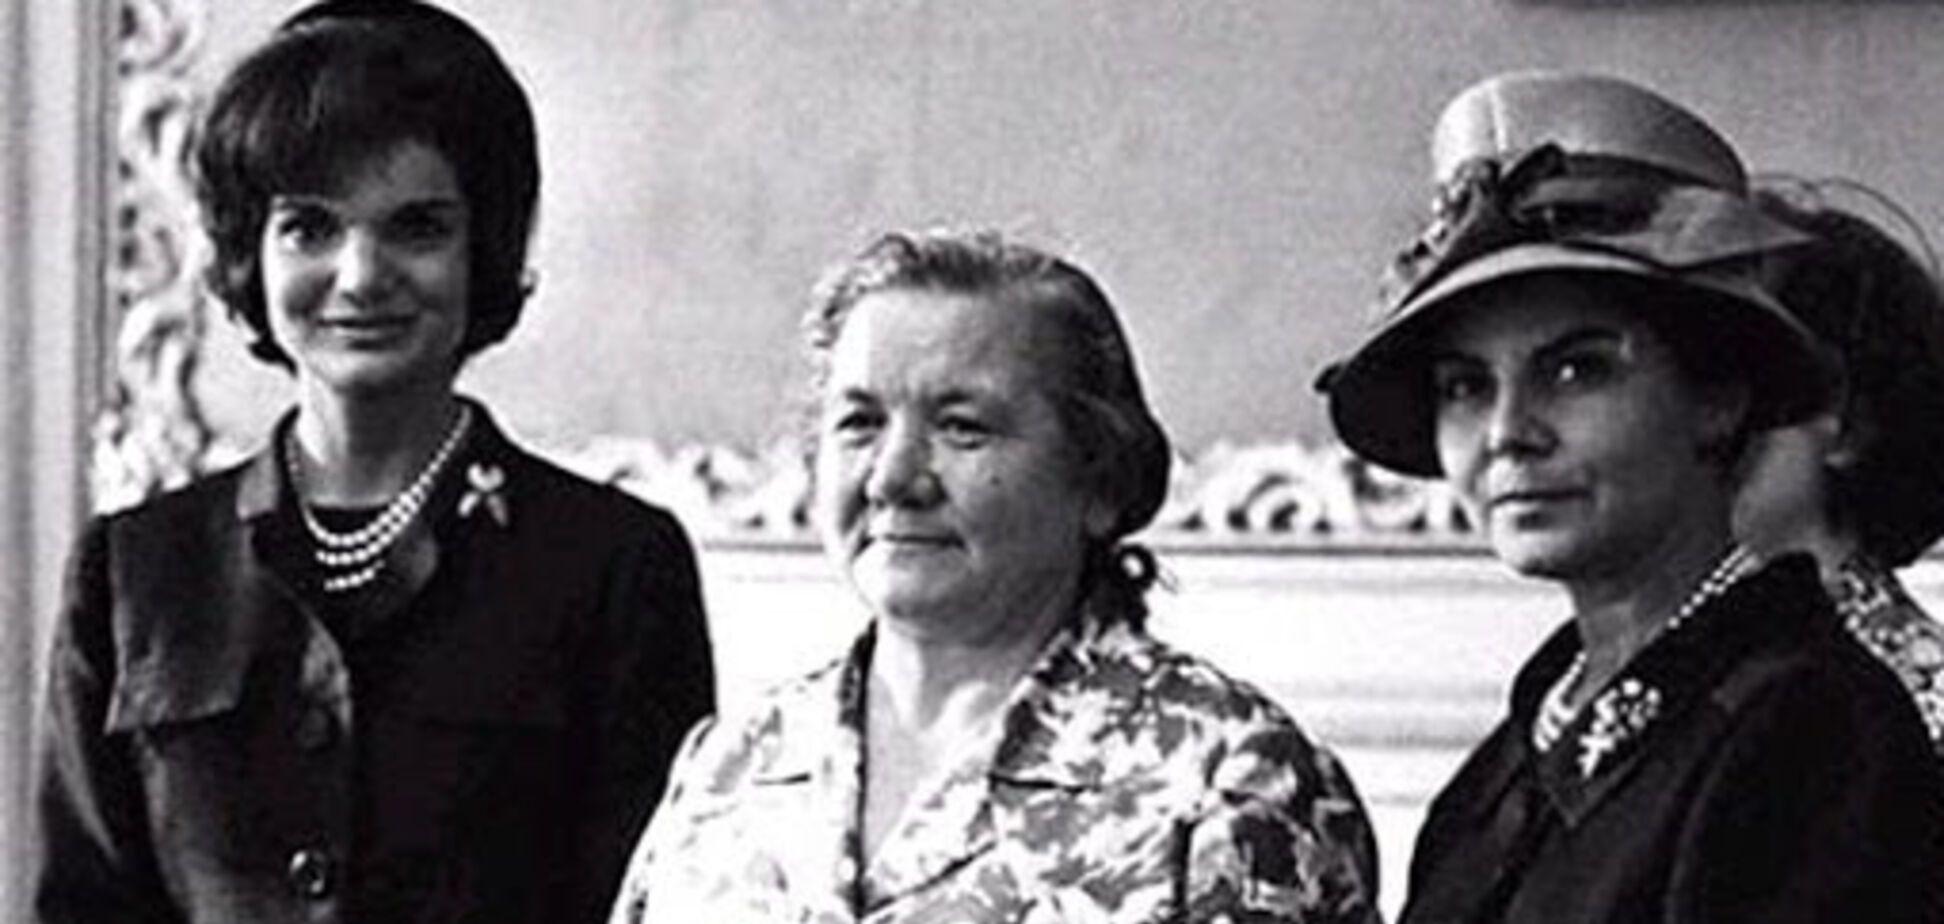 Фото дружини Хрущова 'у халаті' на прийомі в США знову випливло в мережі: в чому річ